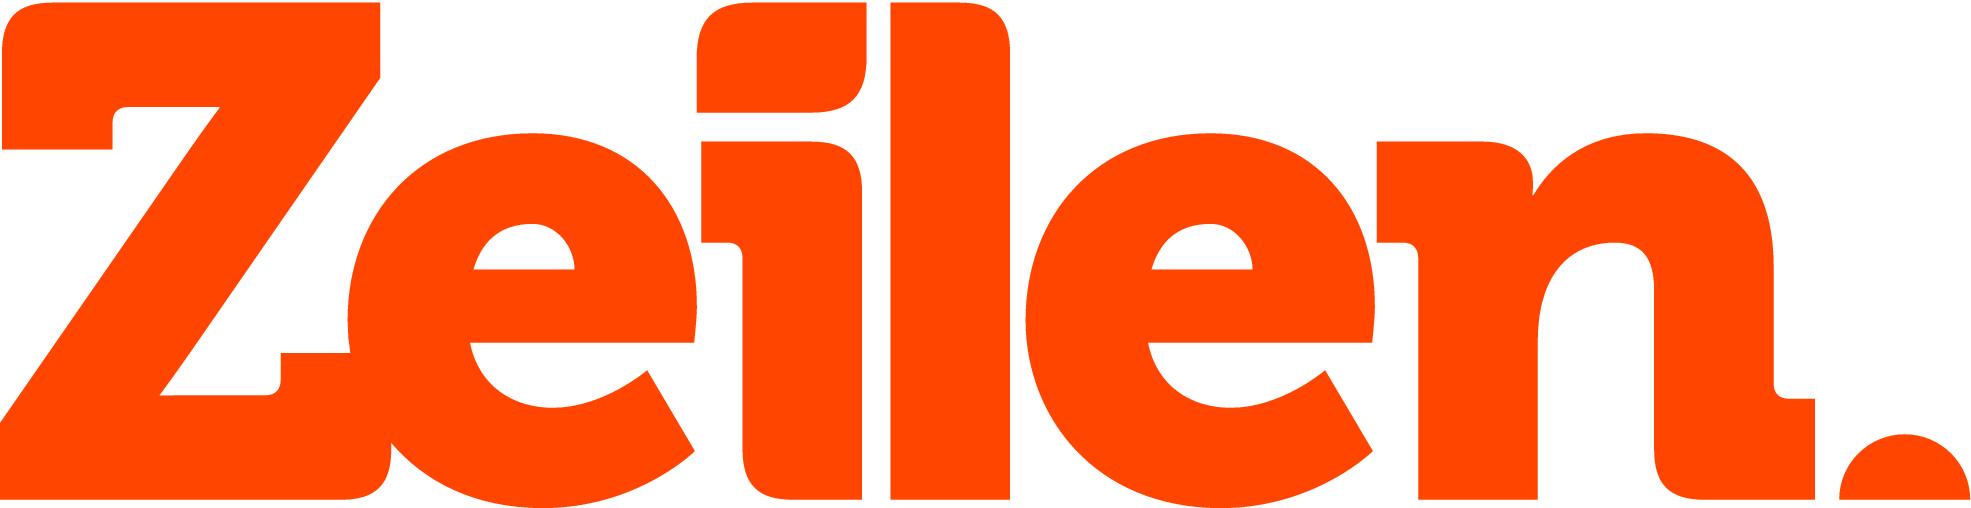 Zeilen_logo